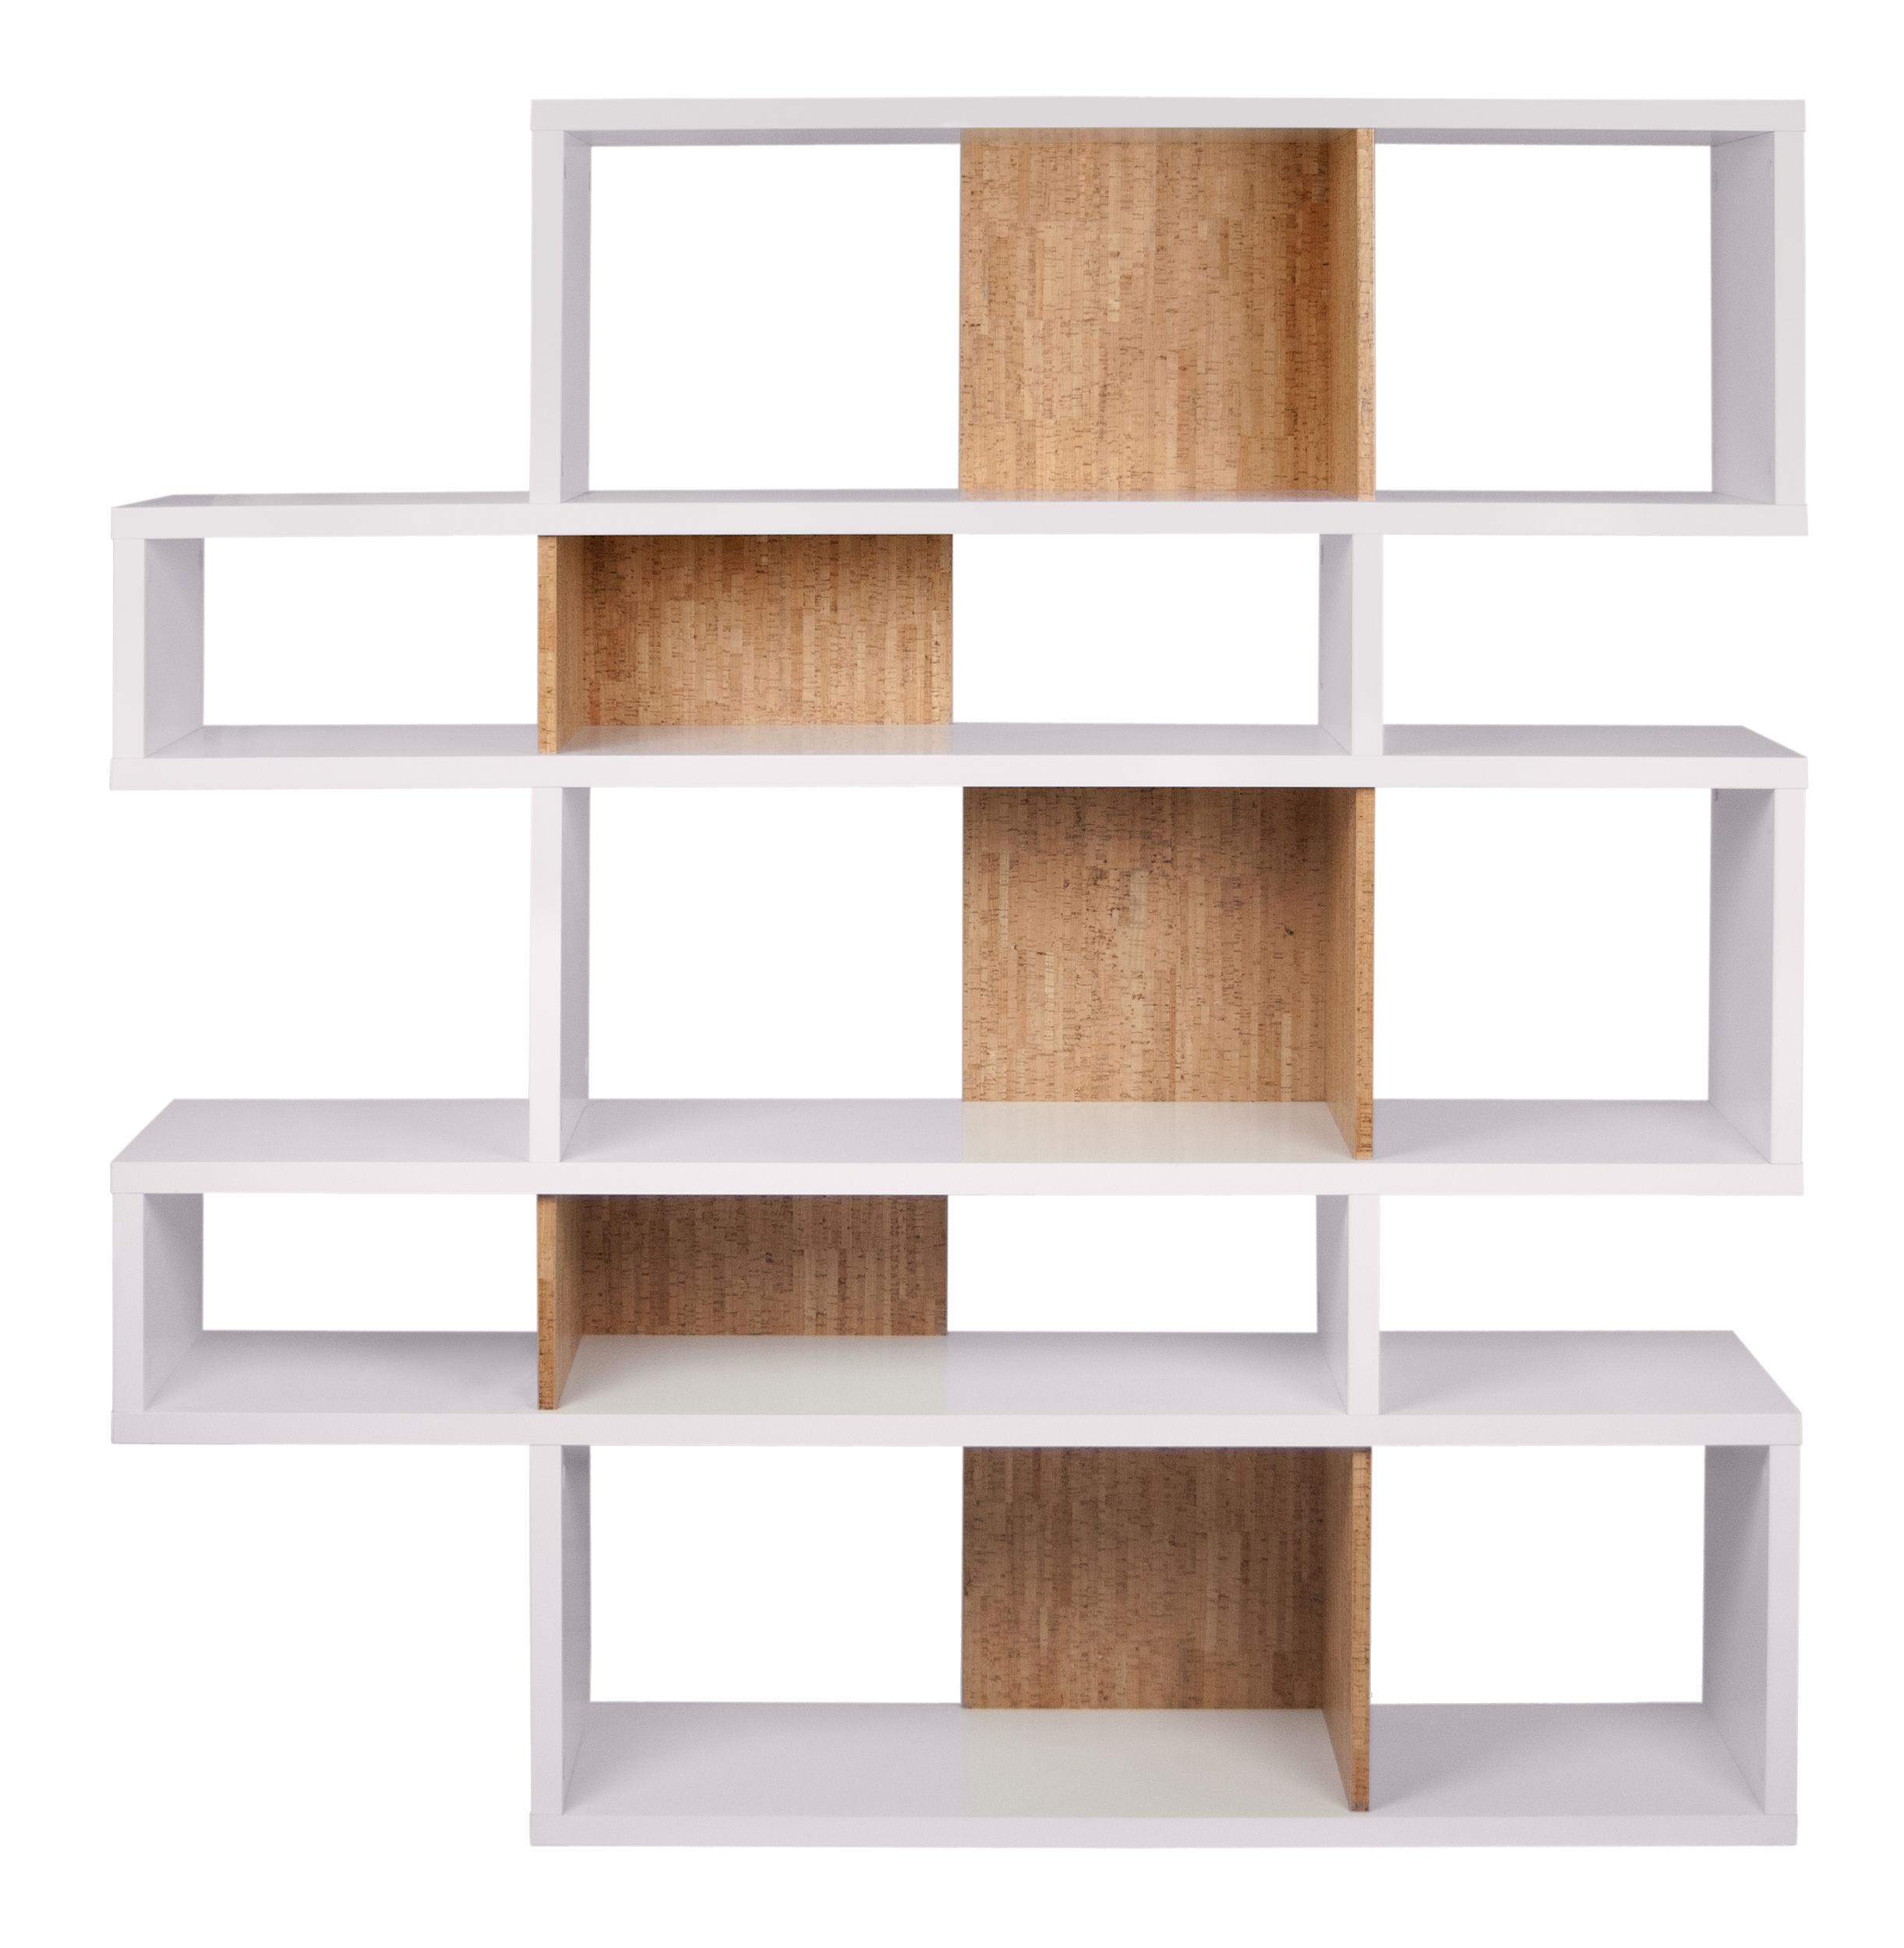 biblioth que shift 02 panneaux li ge l 156 x h 160 cm blanc panneaux li ge pop up home. Black Bedroom Furniture Sets. Home Design Ideas